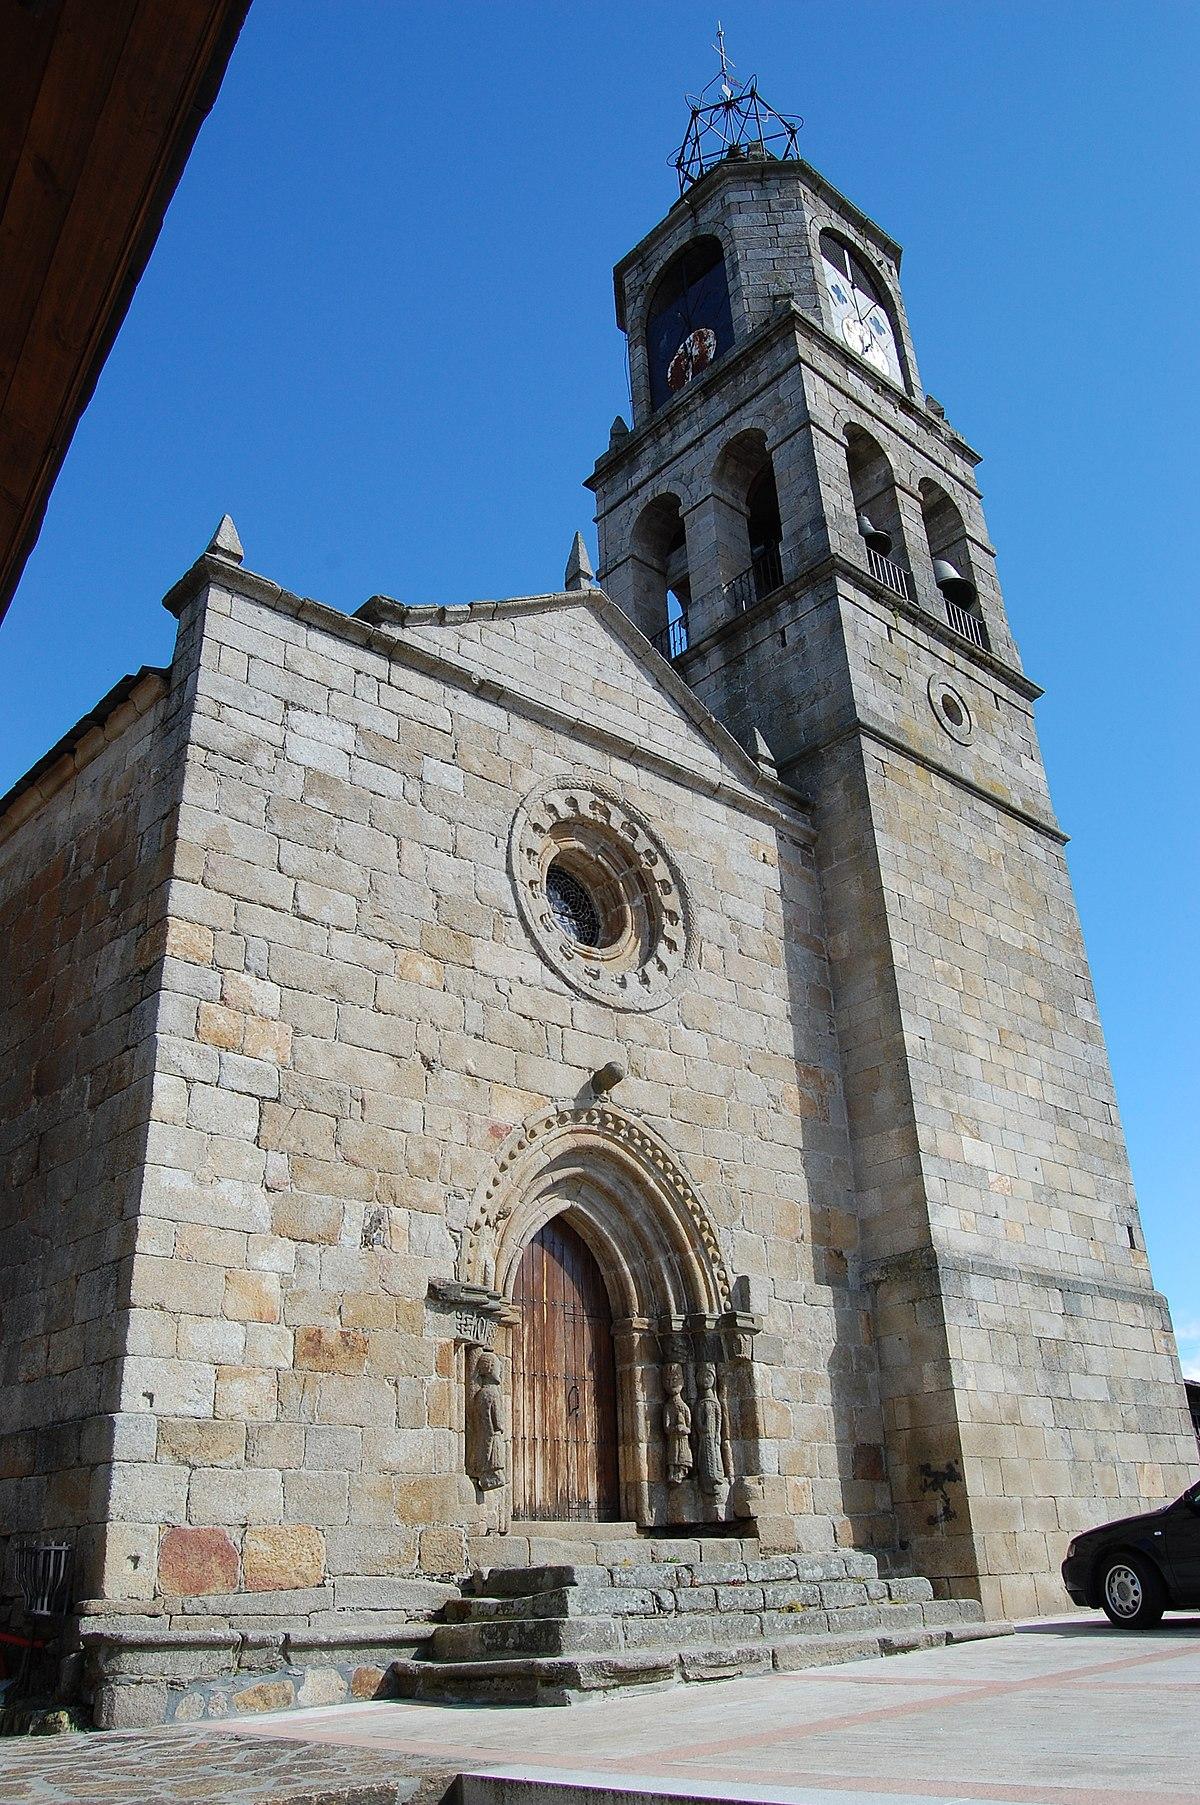 Iglesia de santa mar a del azogue puebla de sanabria for Jardin 3 marias puebla